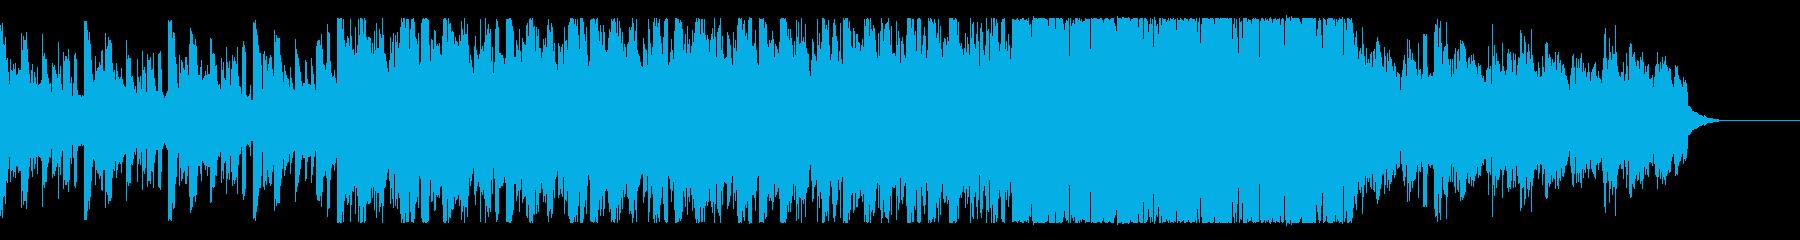 ハロウィンや可愛いおばけのインストの再生済みの波形